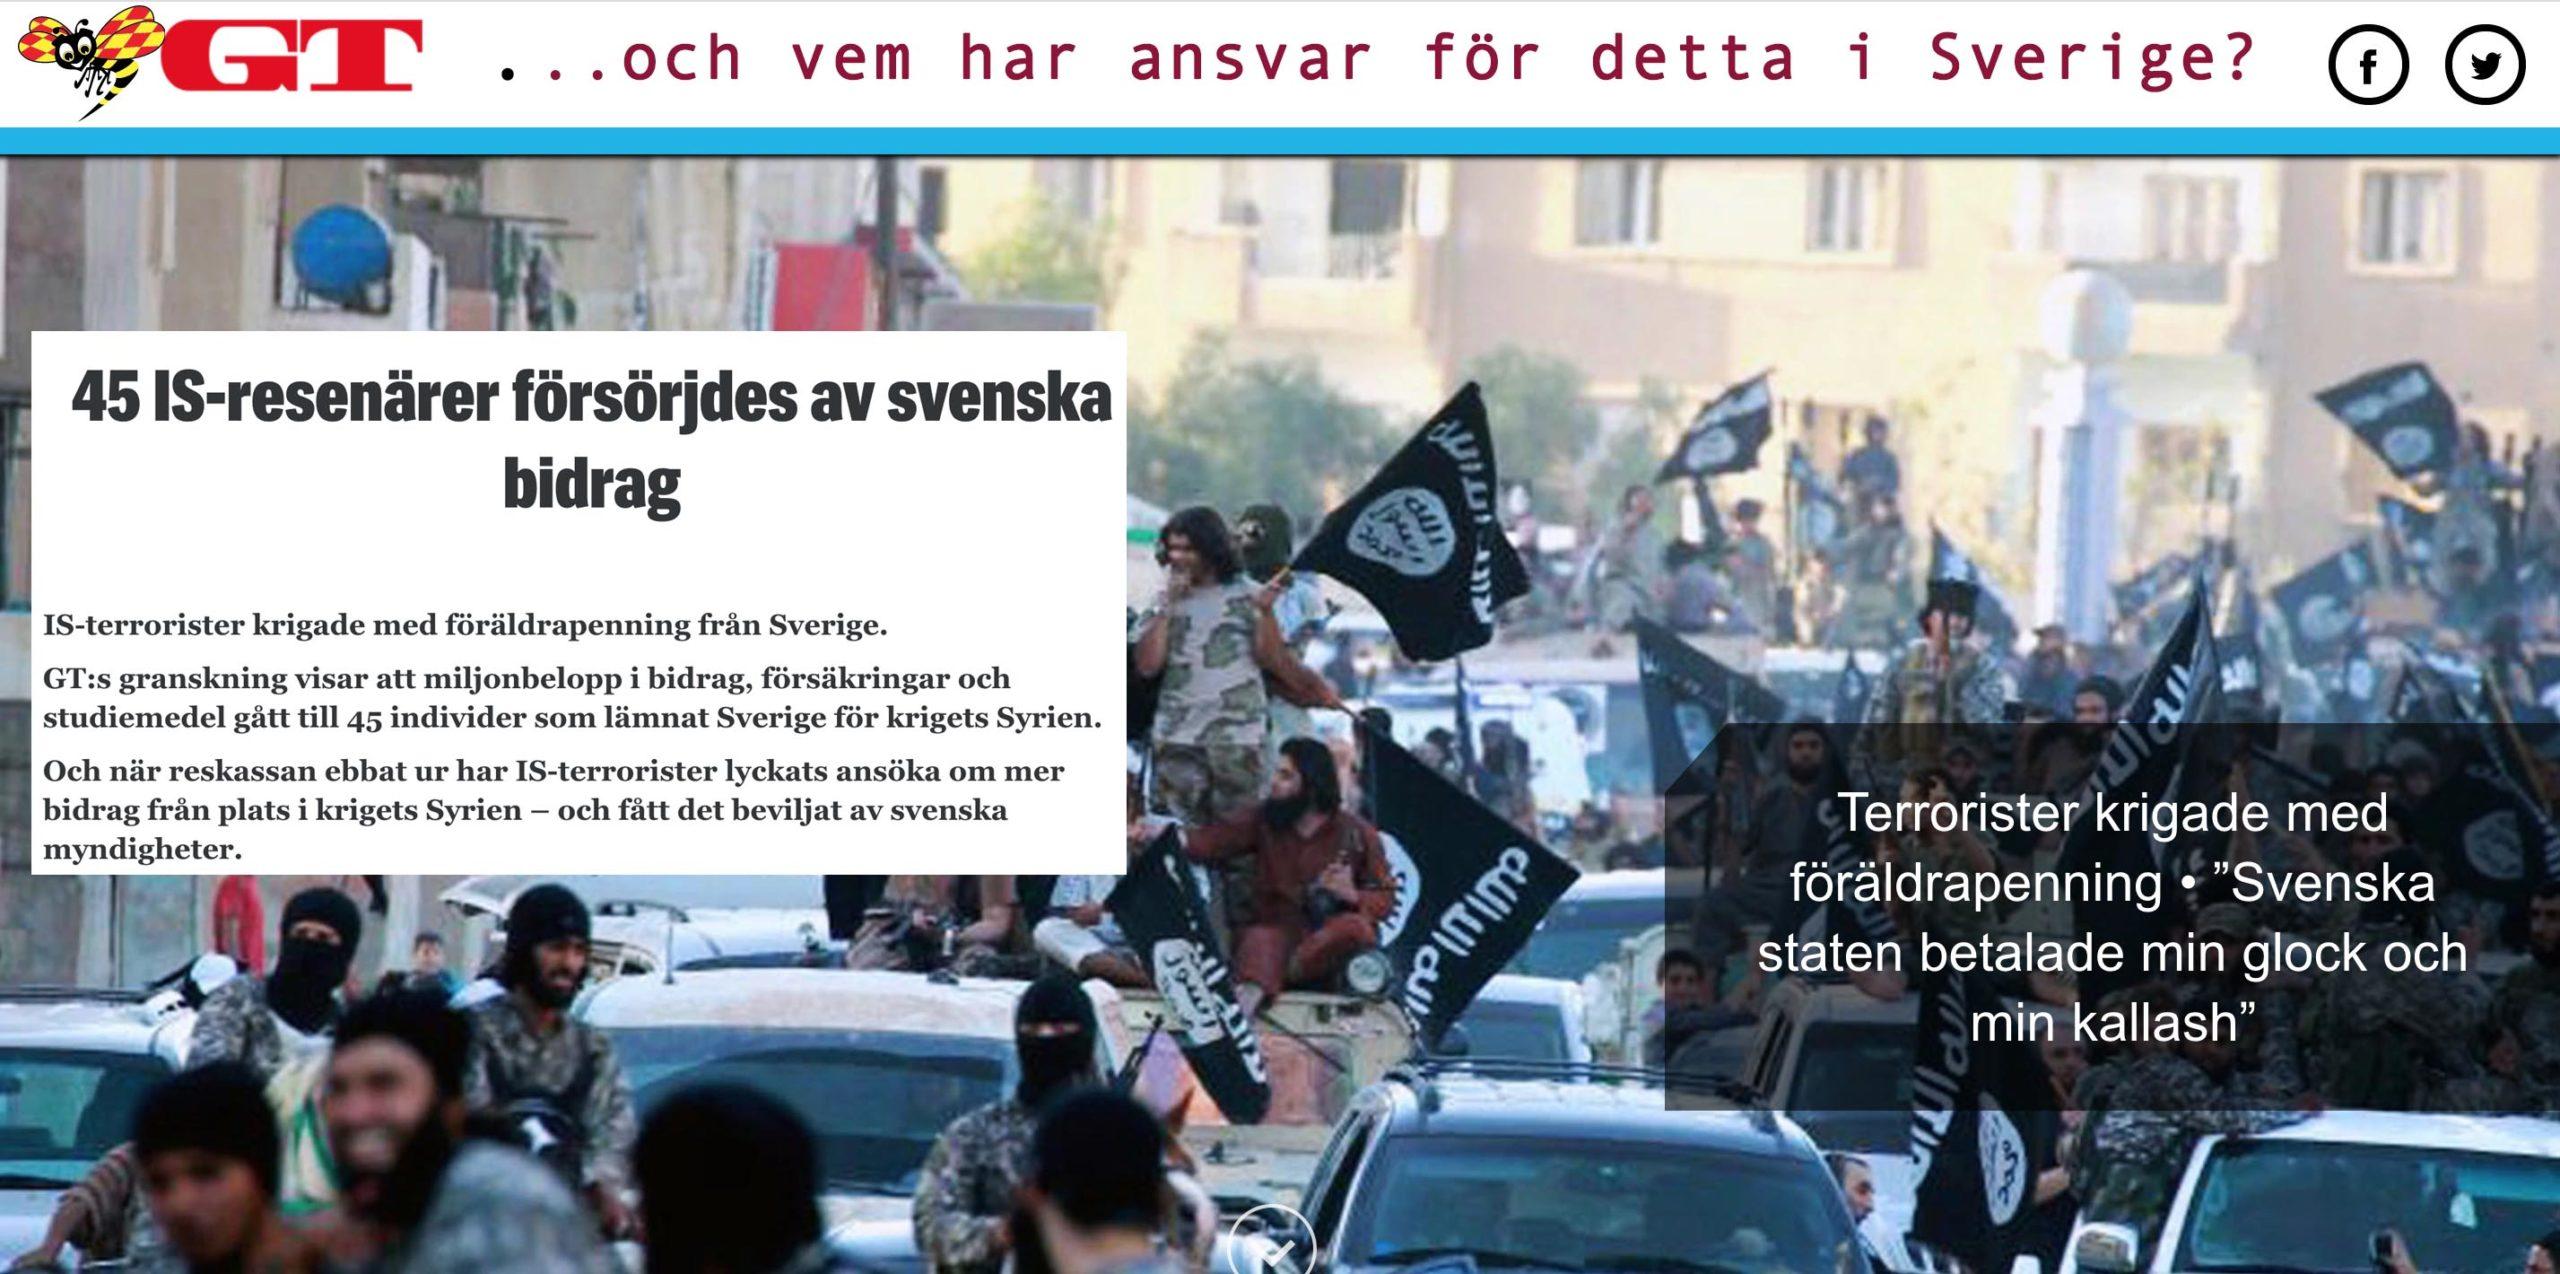 Löfvenregimens statsstödda terrorism